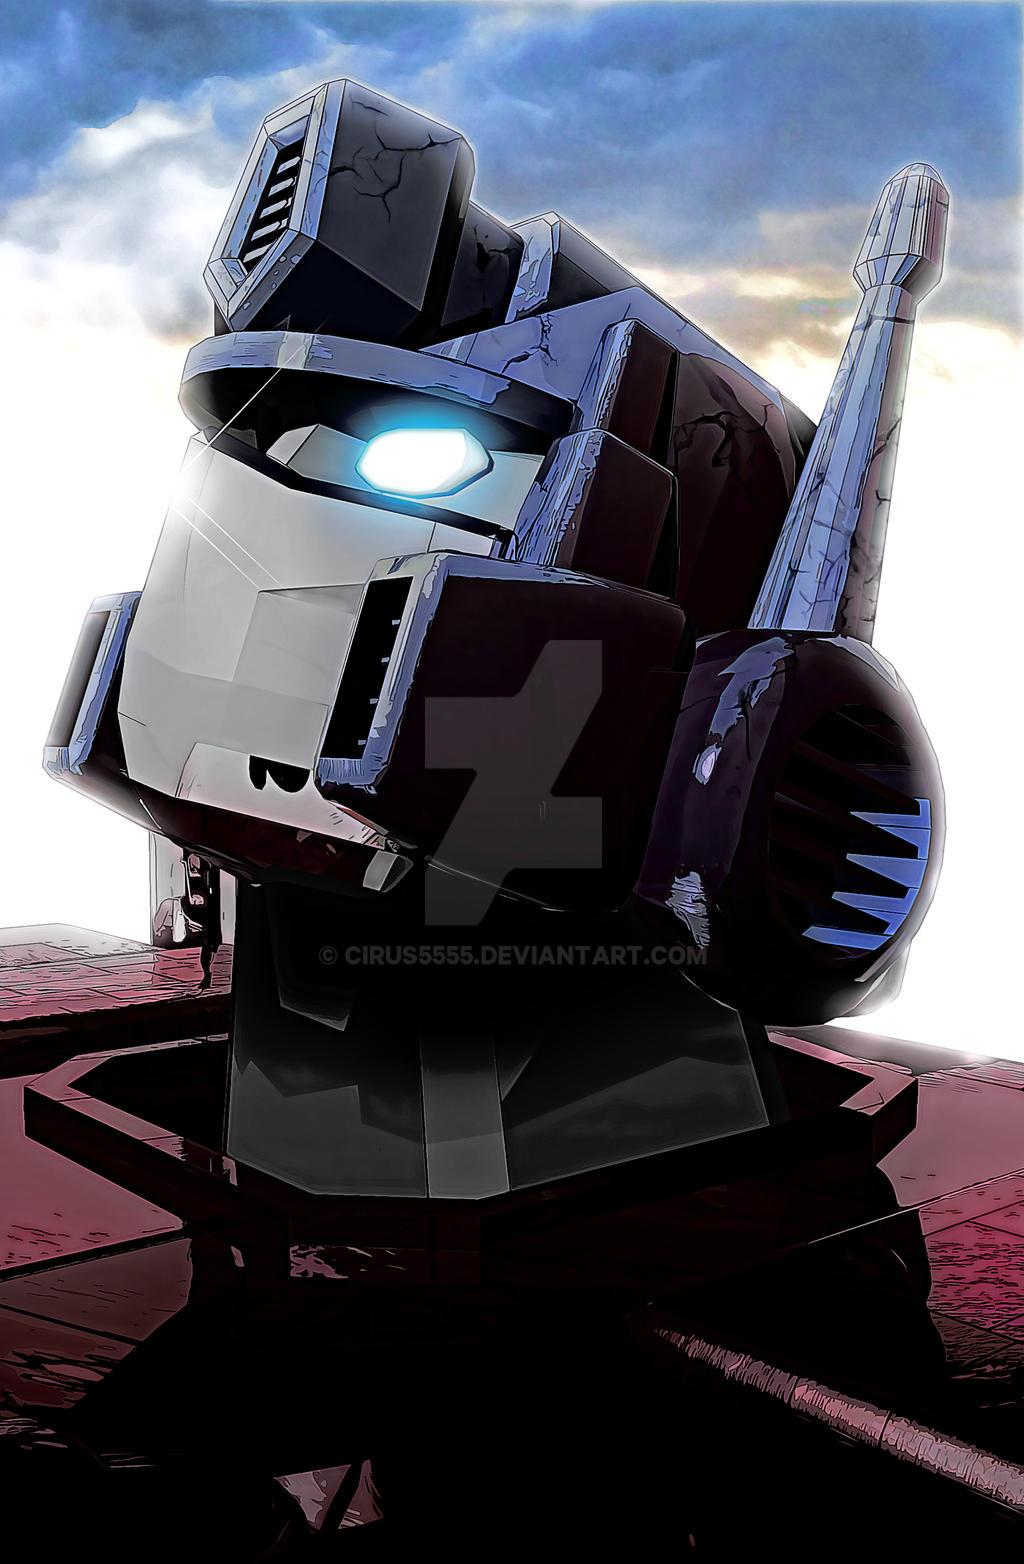 Optimus prime by cirus5555